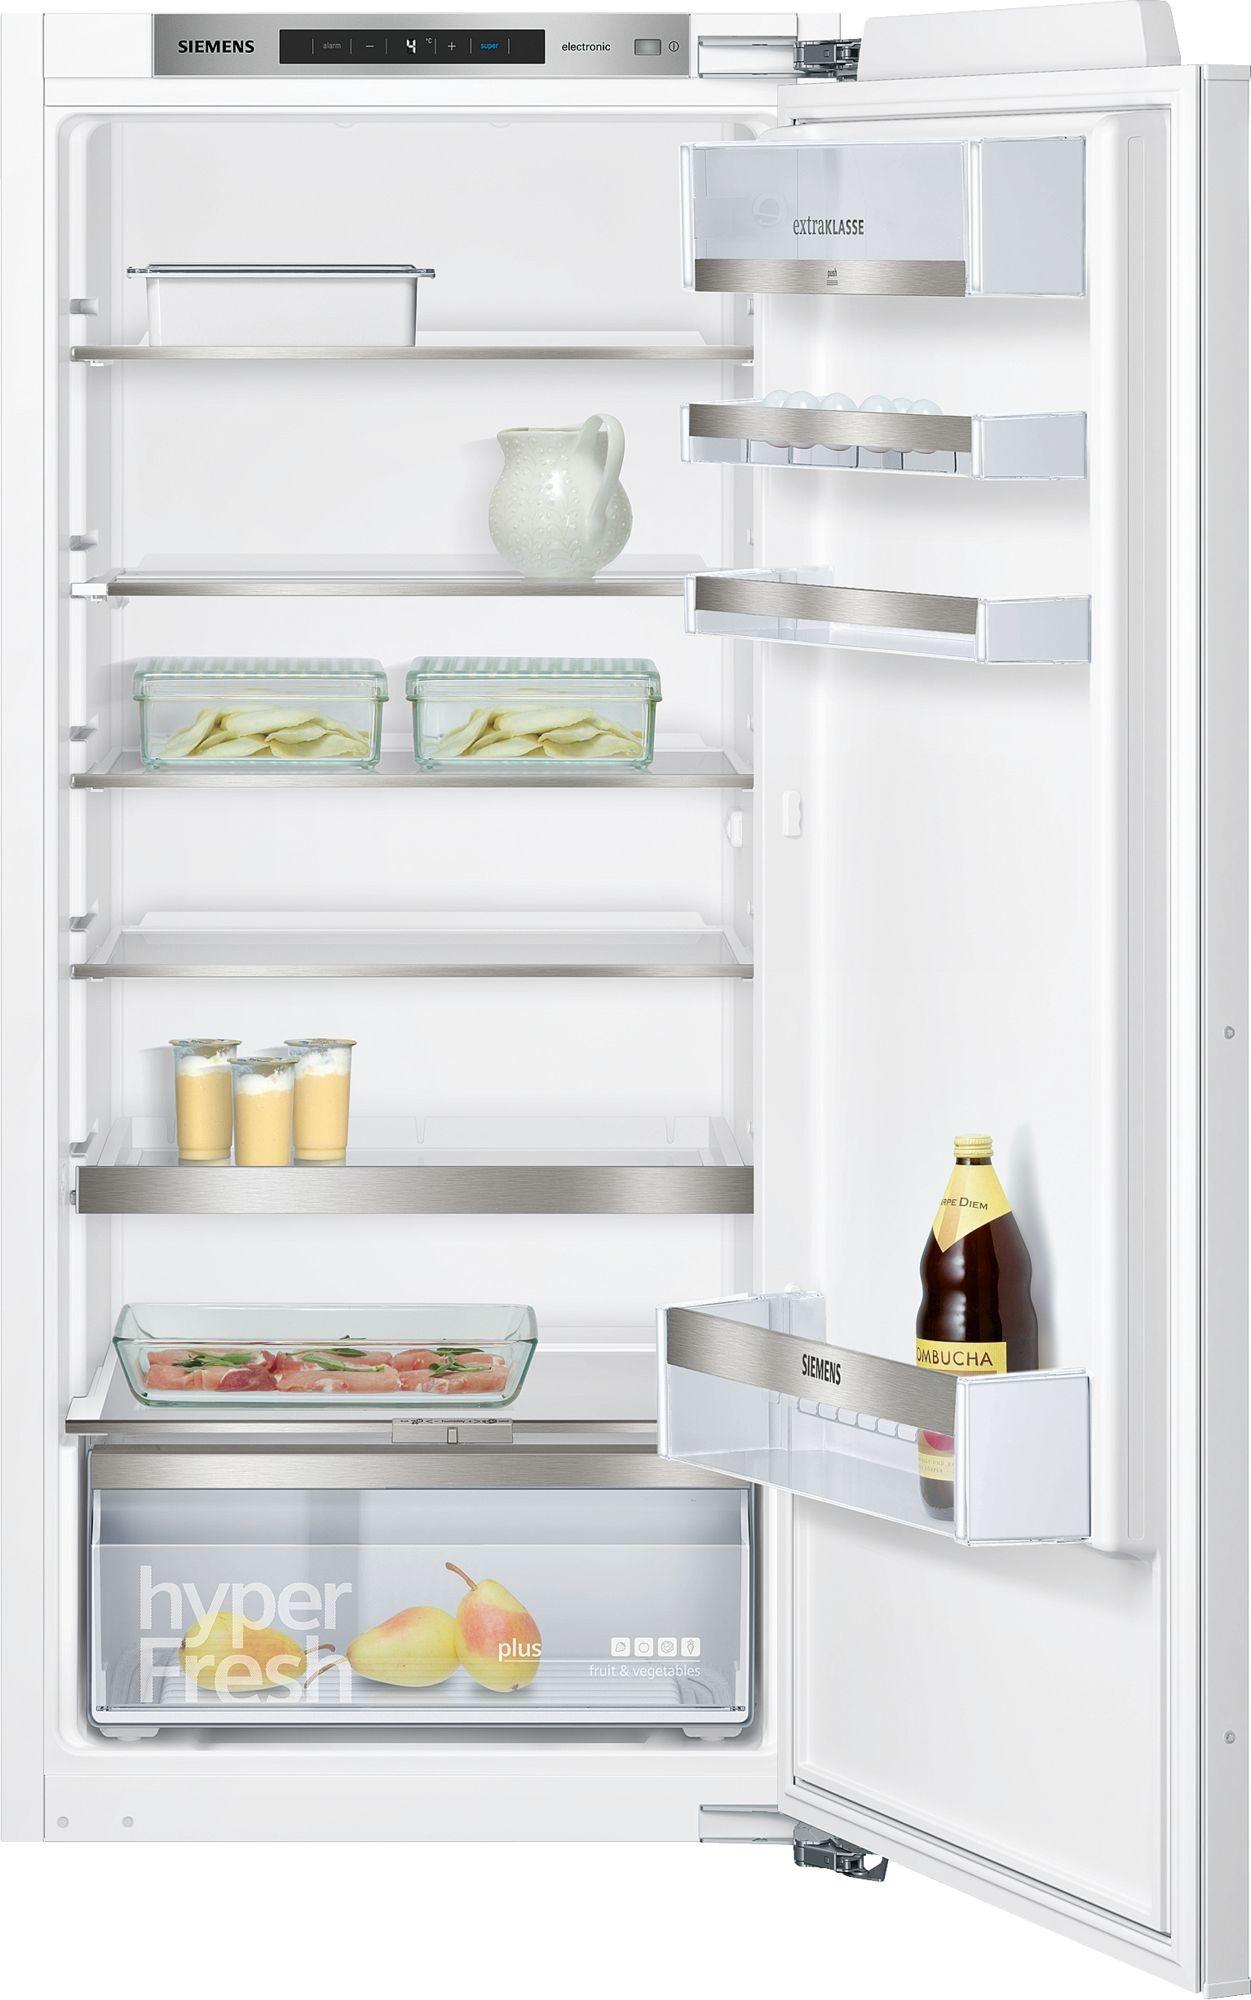 Siemens KI41RED30 inbouw koelkast